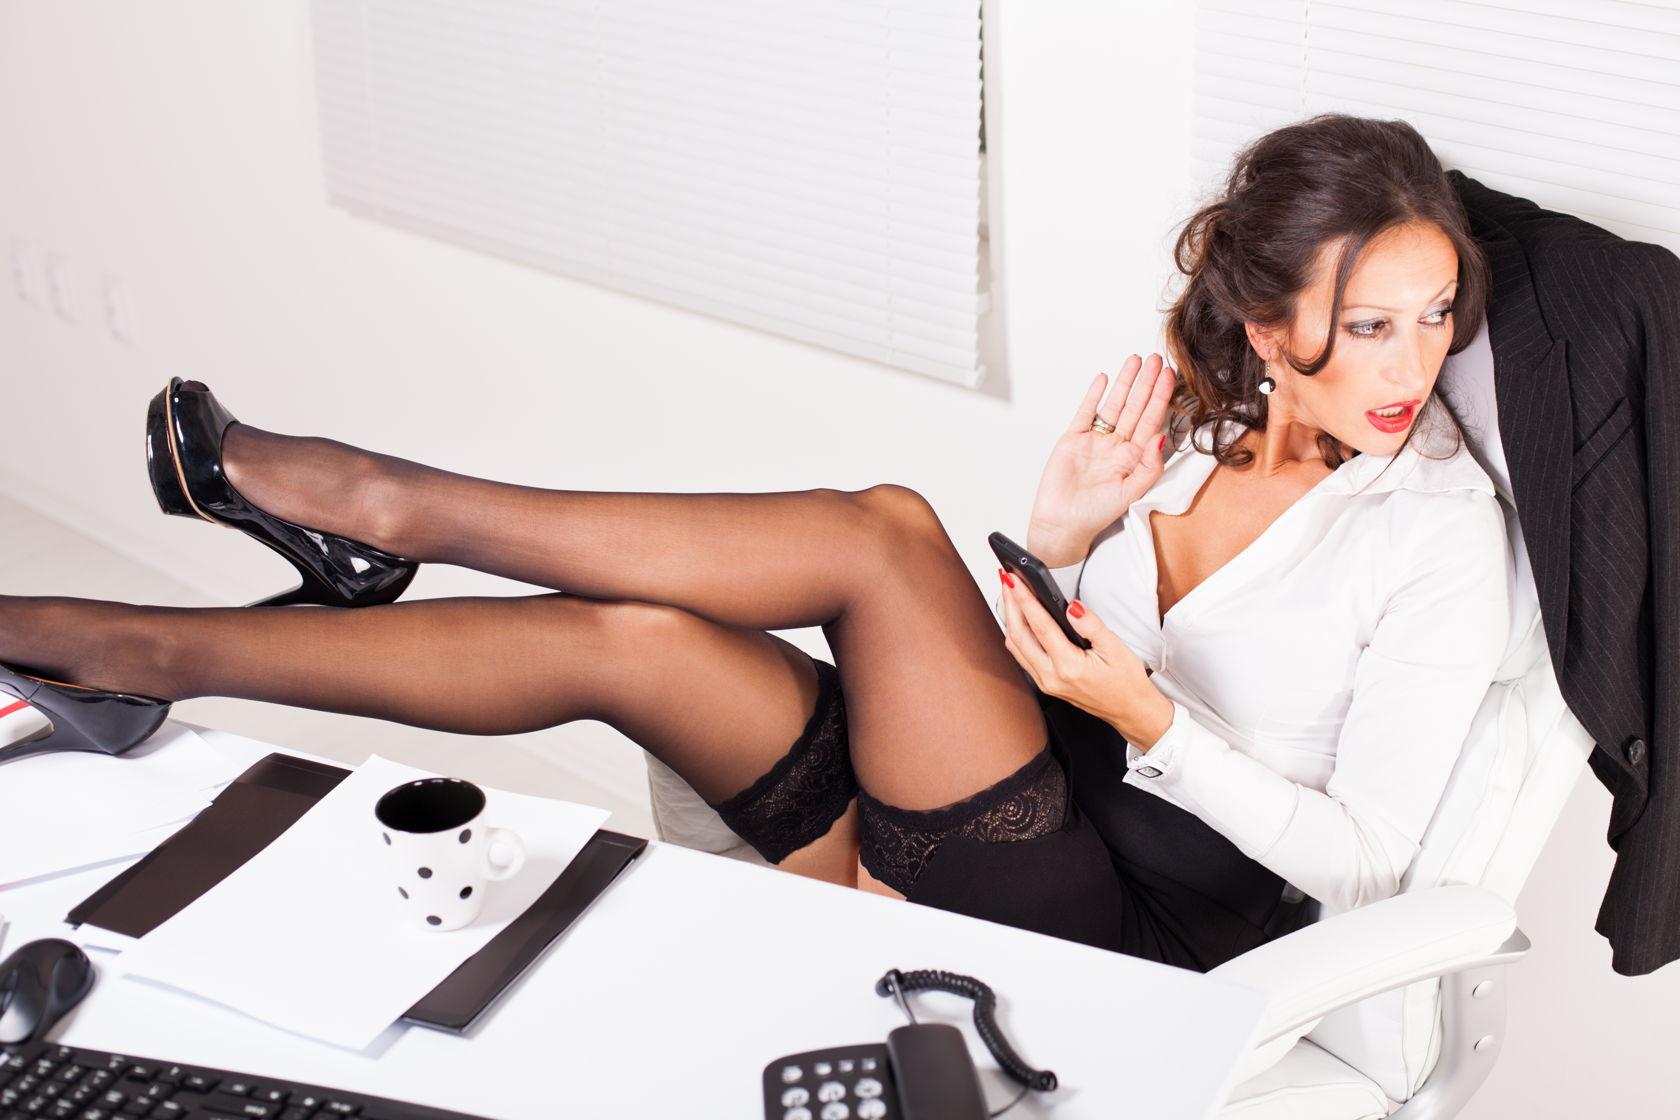 Онлайн порно деловые женские